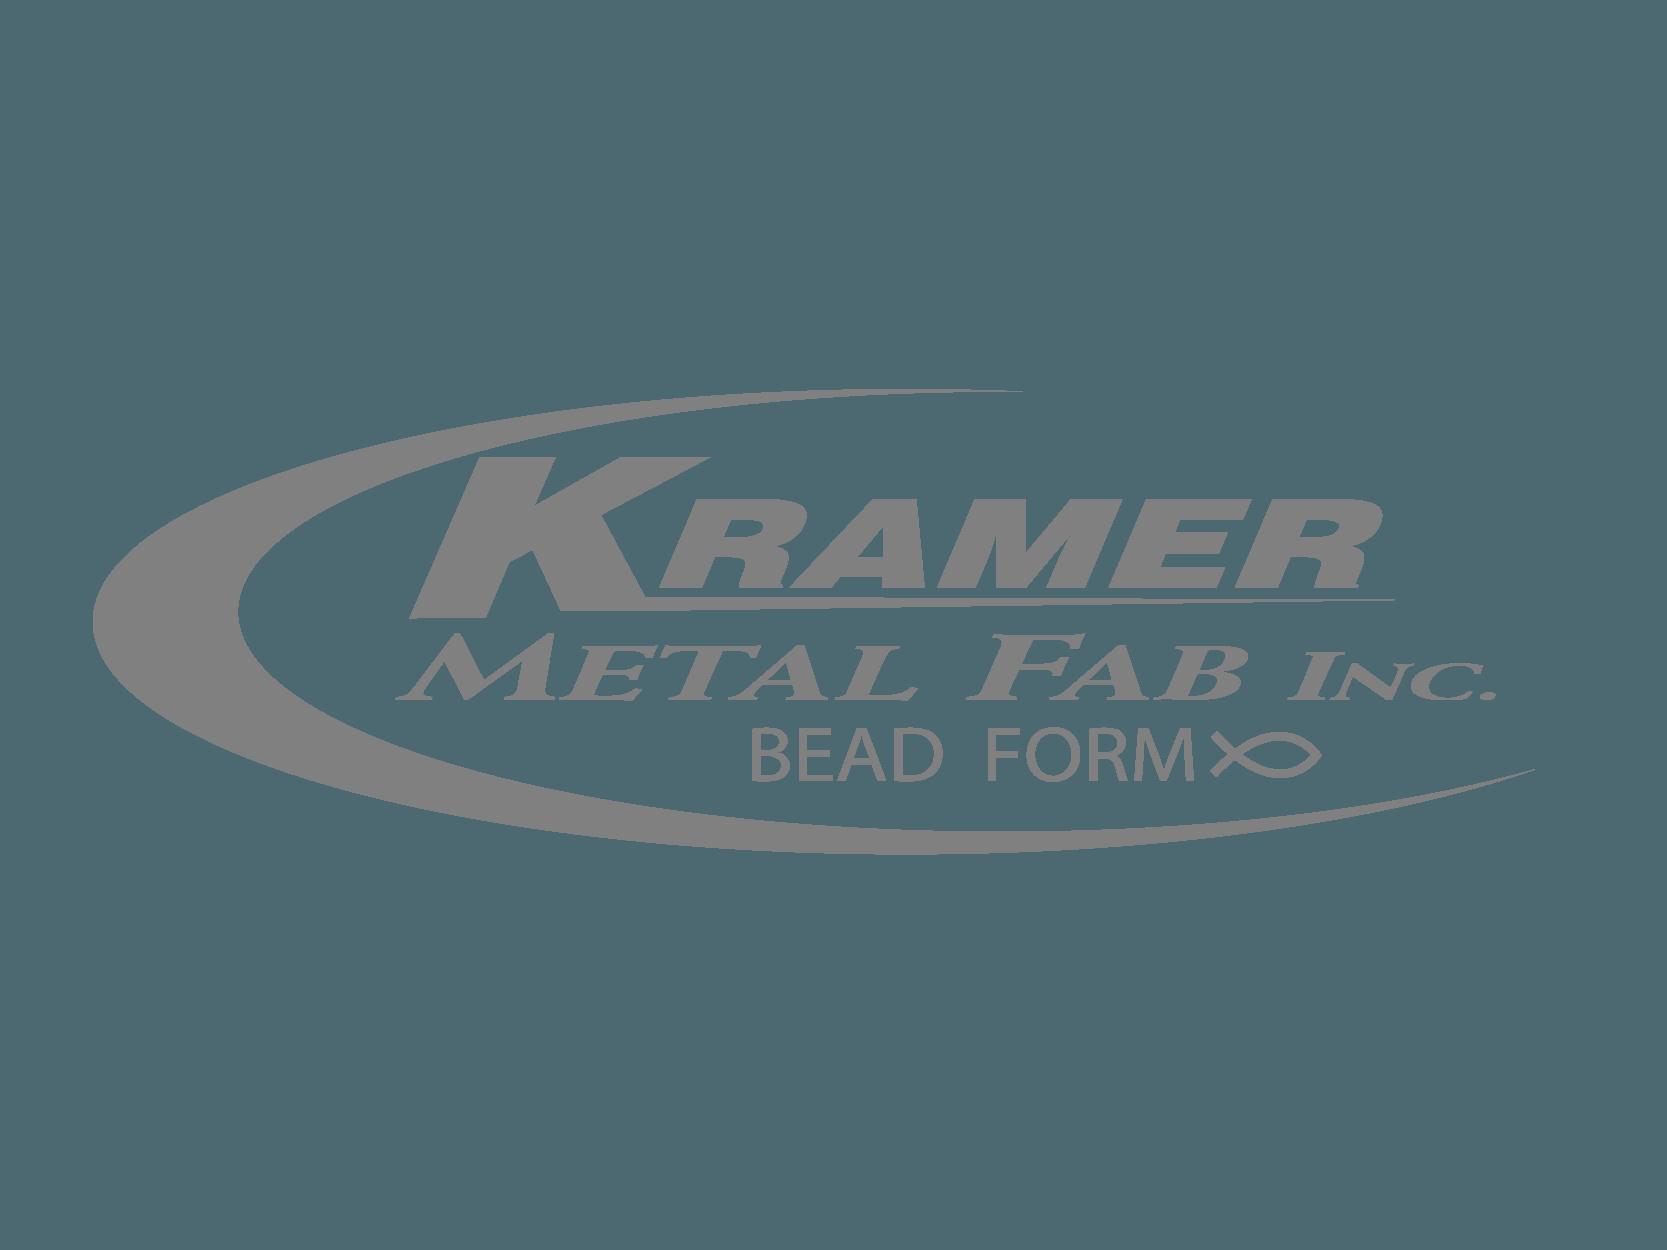 Kramer Metal Fab Inc. logo